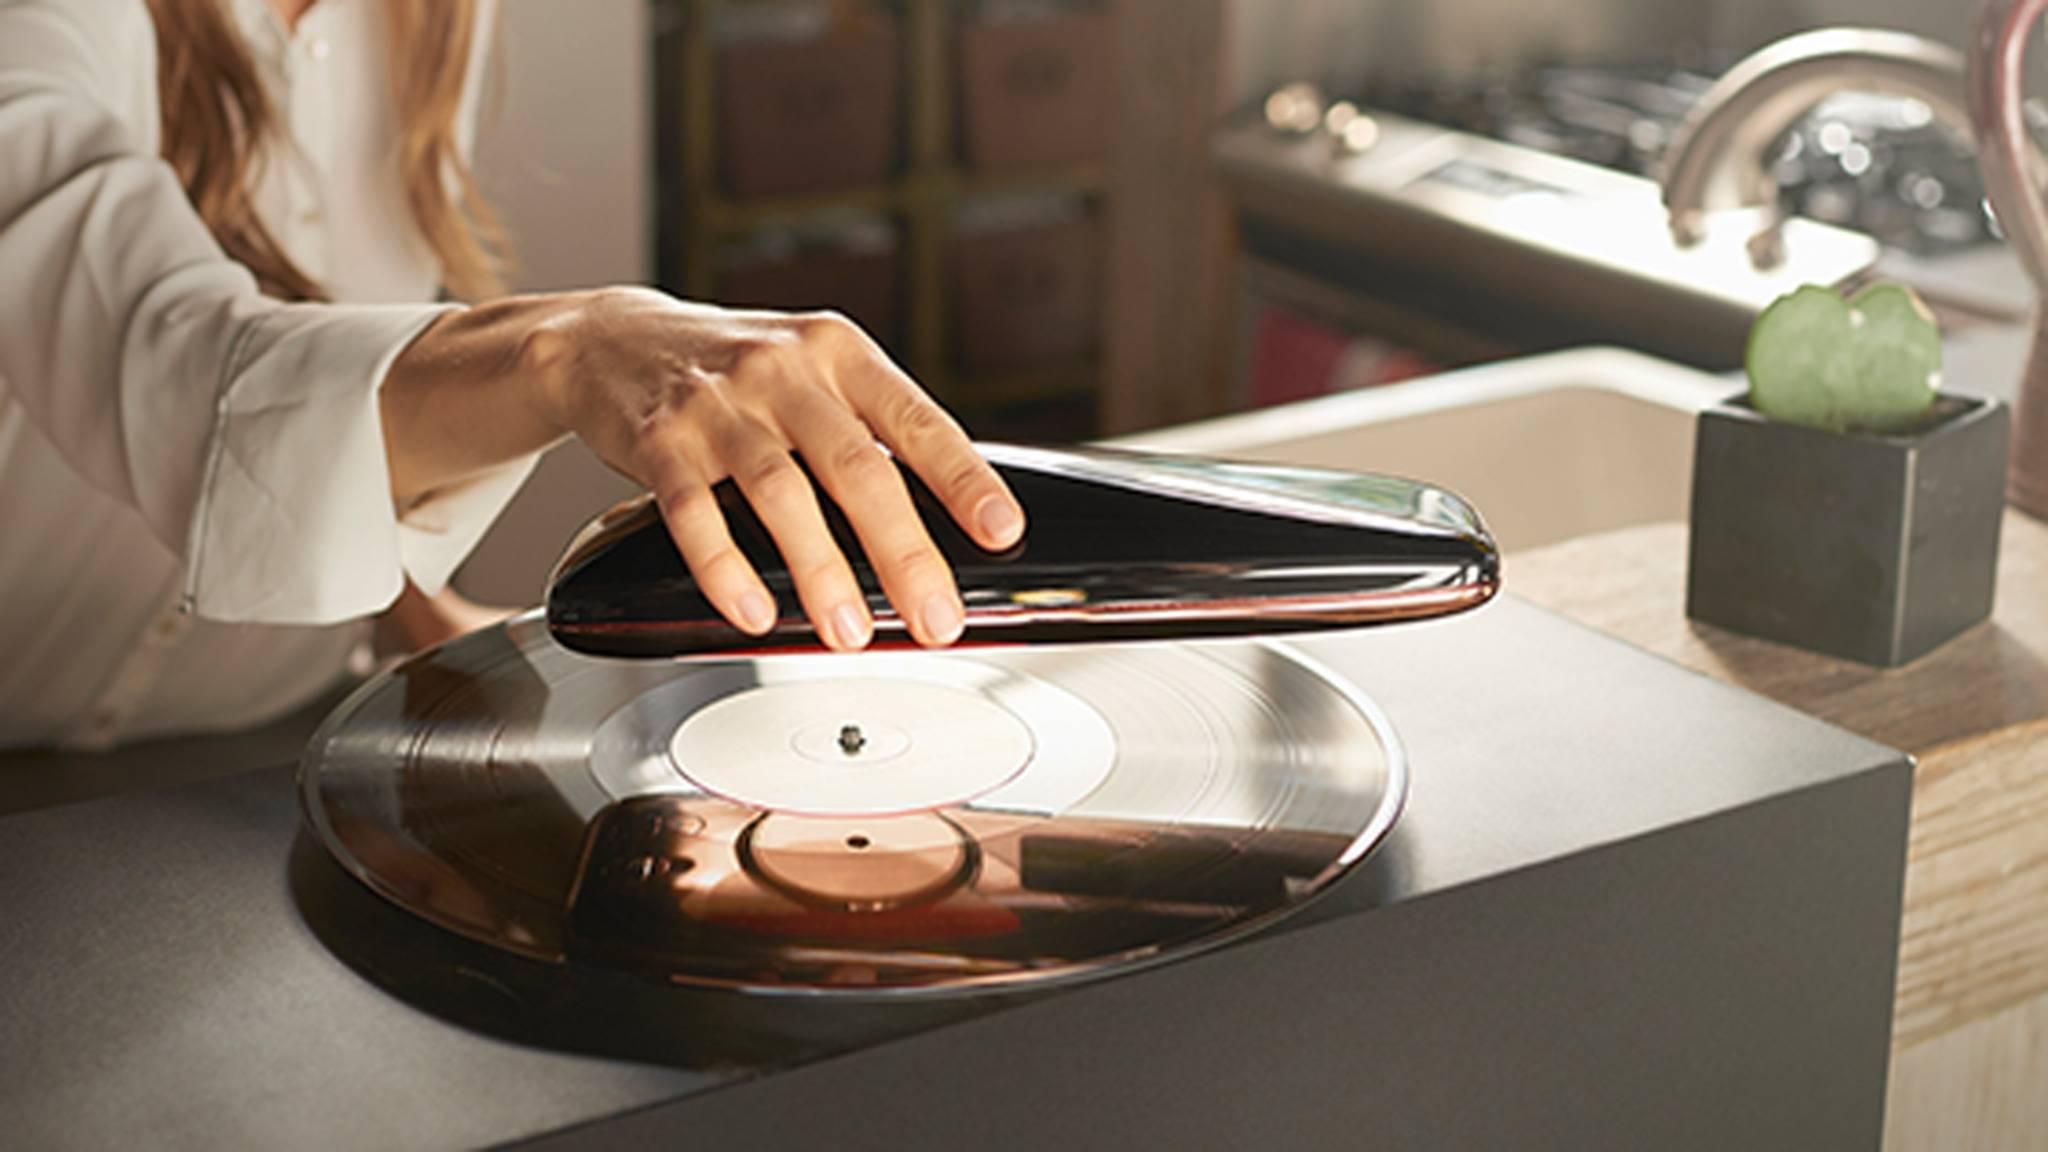 Ein Telefon? Ein retrofuturistischer Schuhlöffel? Der Love Turntable sieht nicht aus wie ein typischer Plattenspieler.